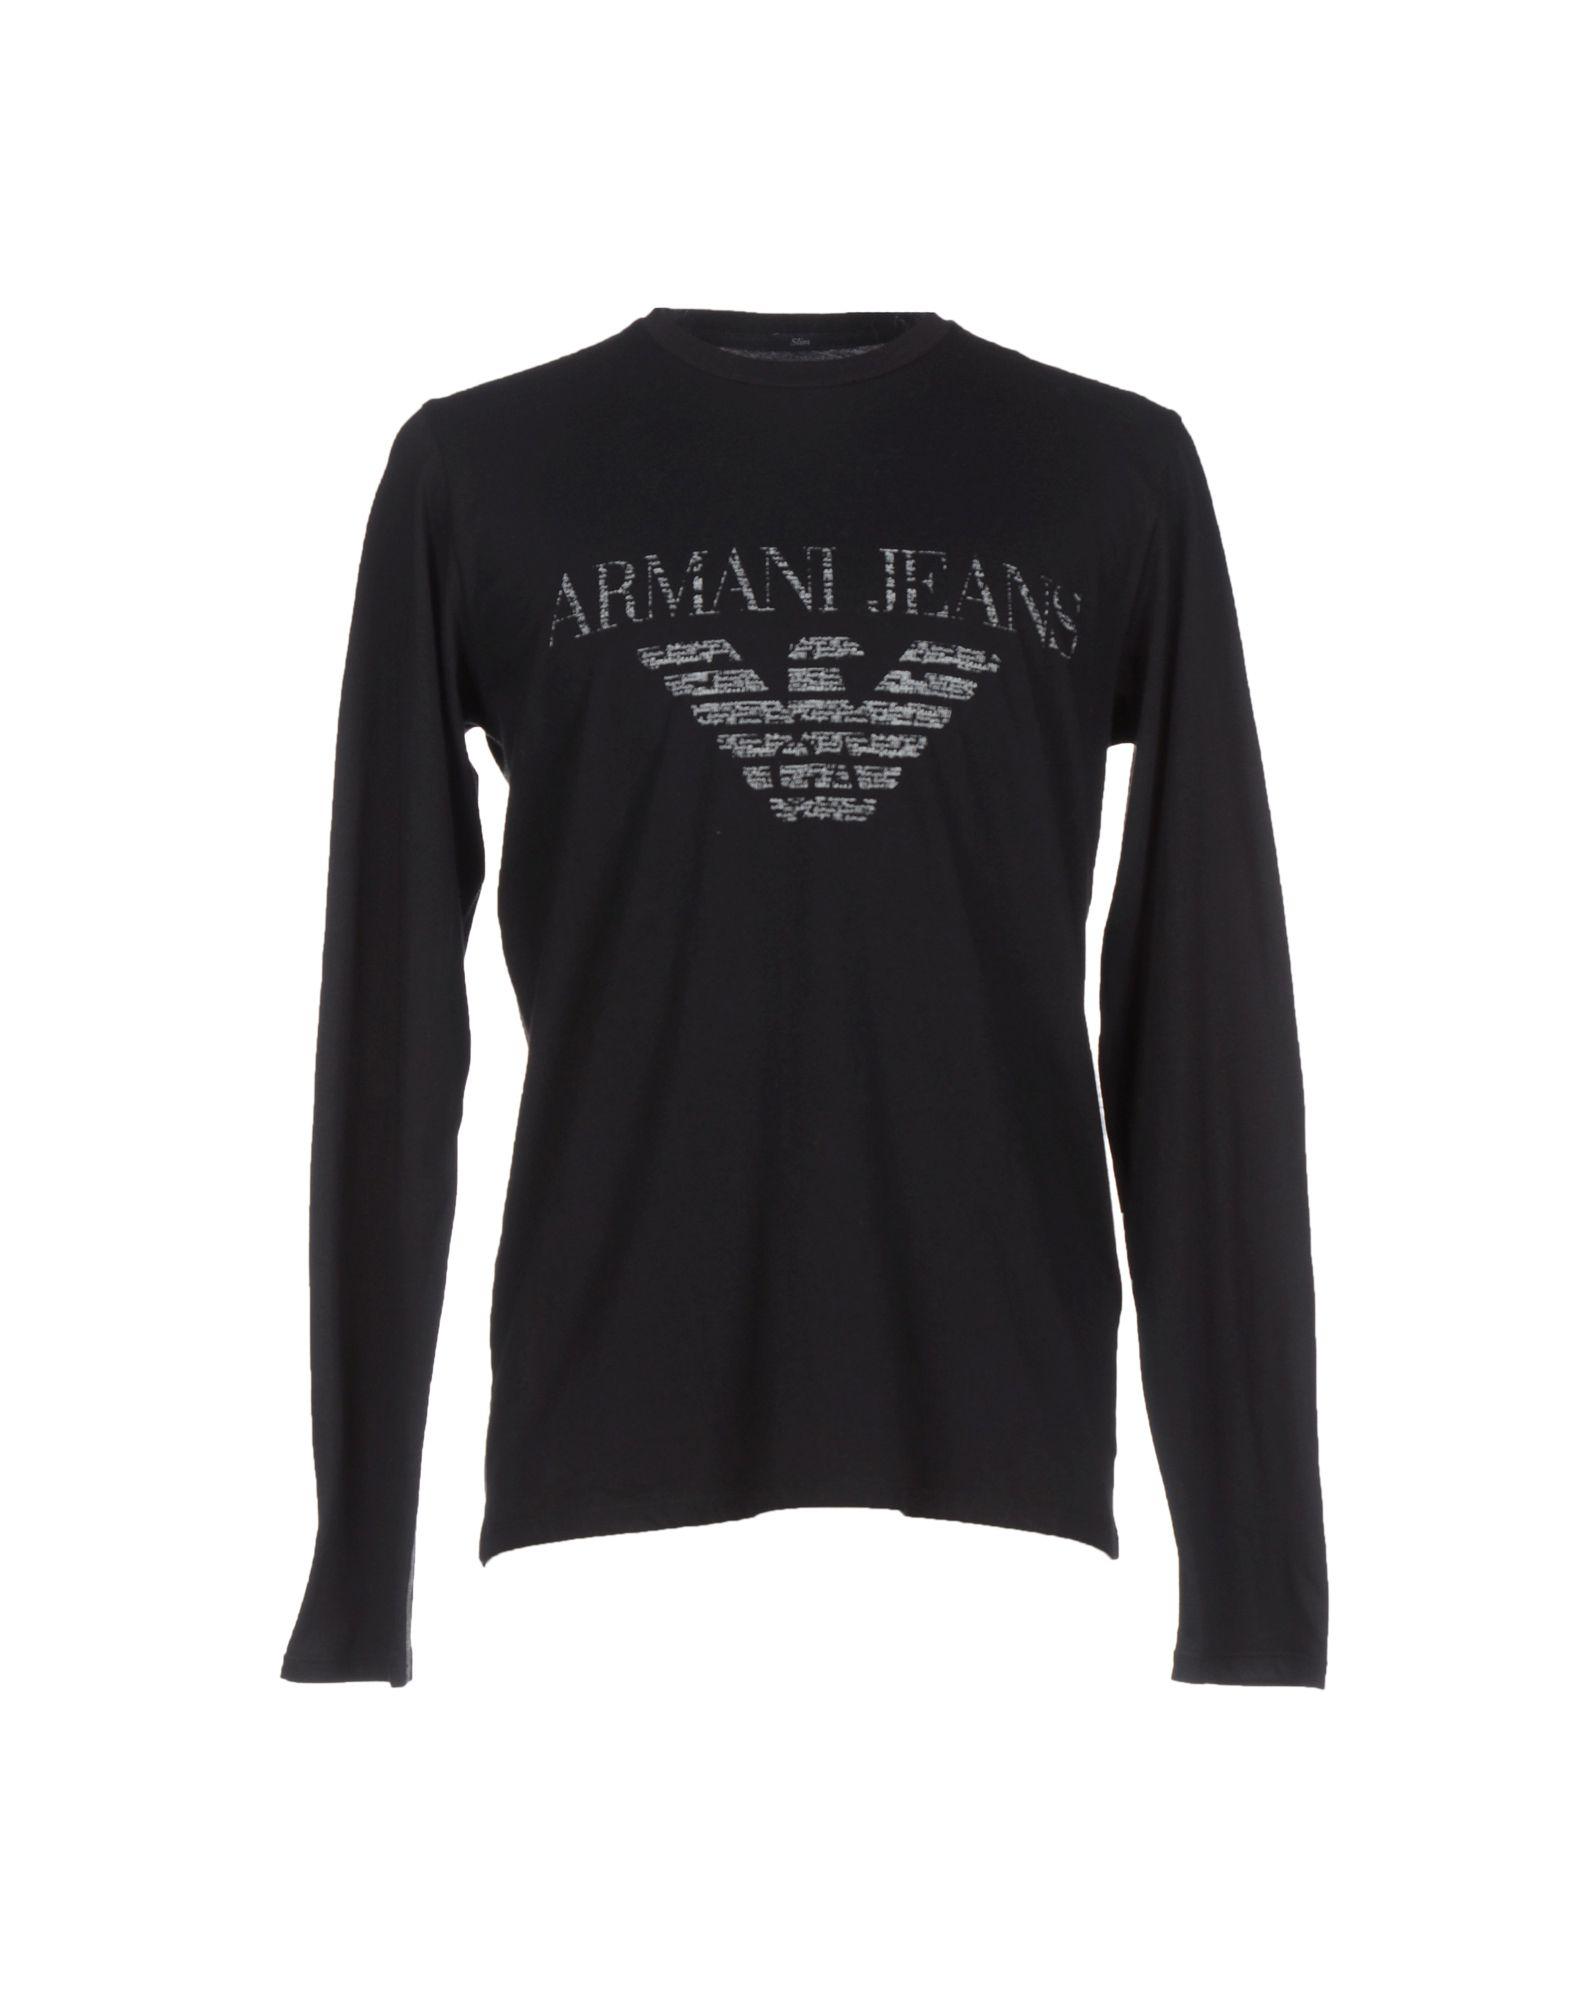 armani jeans t shirt in black for men lyst. Black Bedroom Furniture Sets. Home Design Ideas